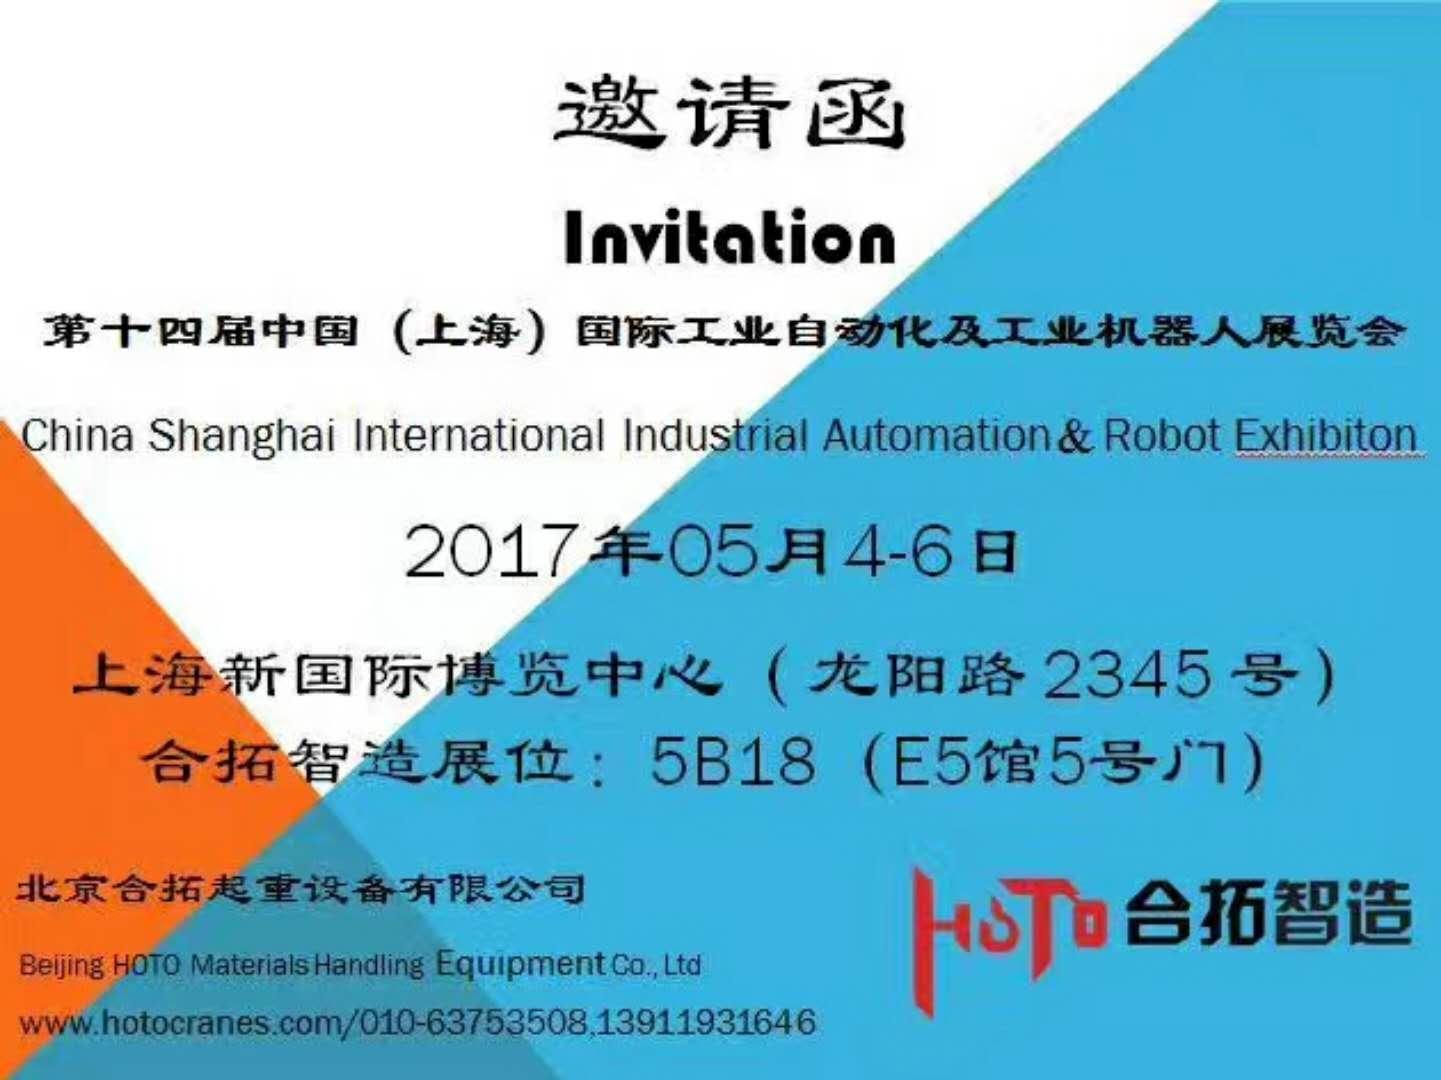 2017年5月4-6日合拓智造公司約您一起在第十四屆中國(上海)國際工業自動化及工業機器人展覽會